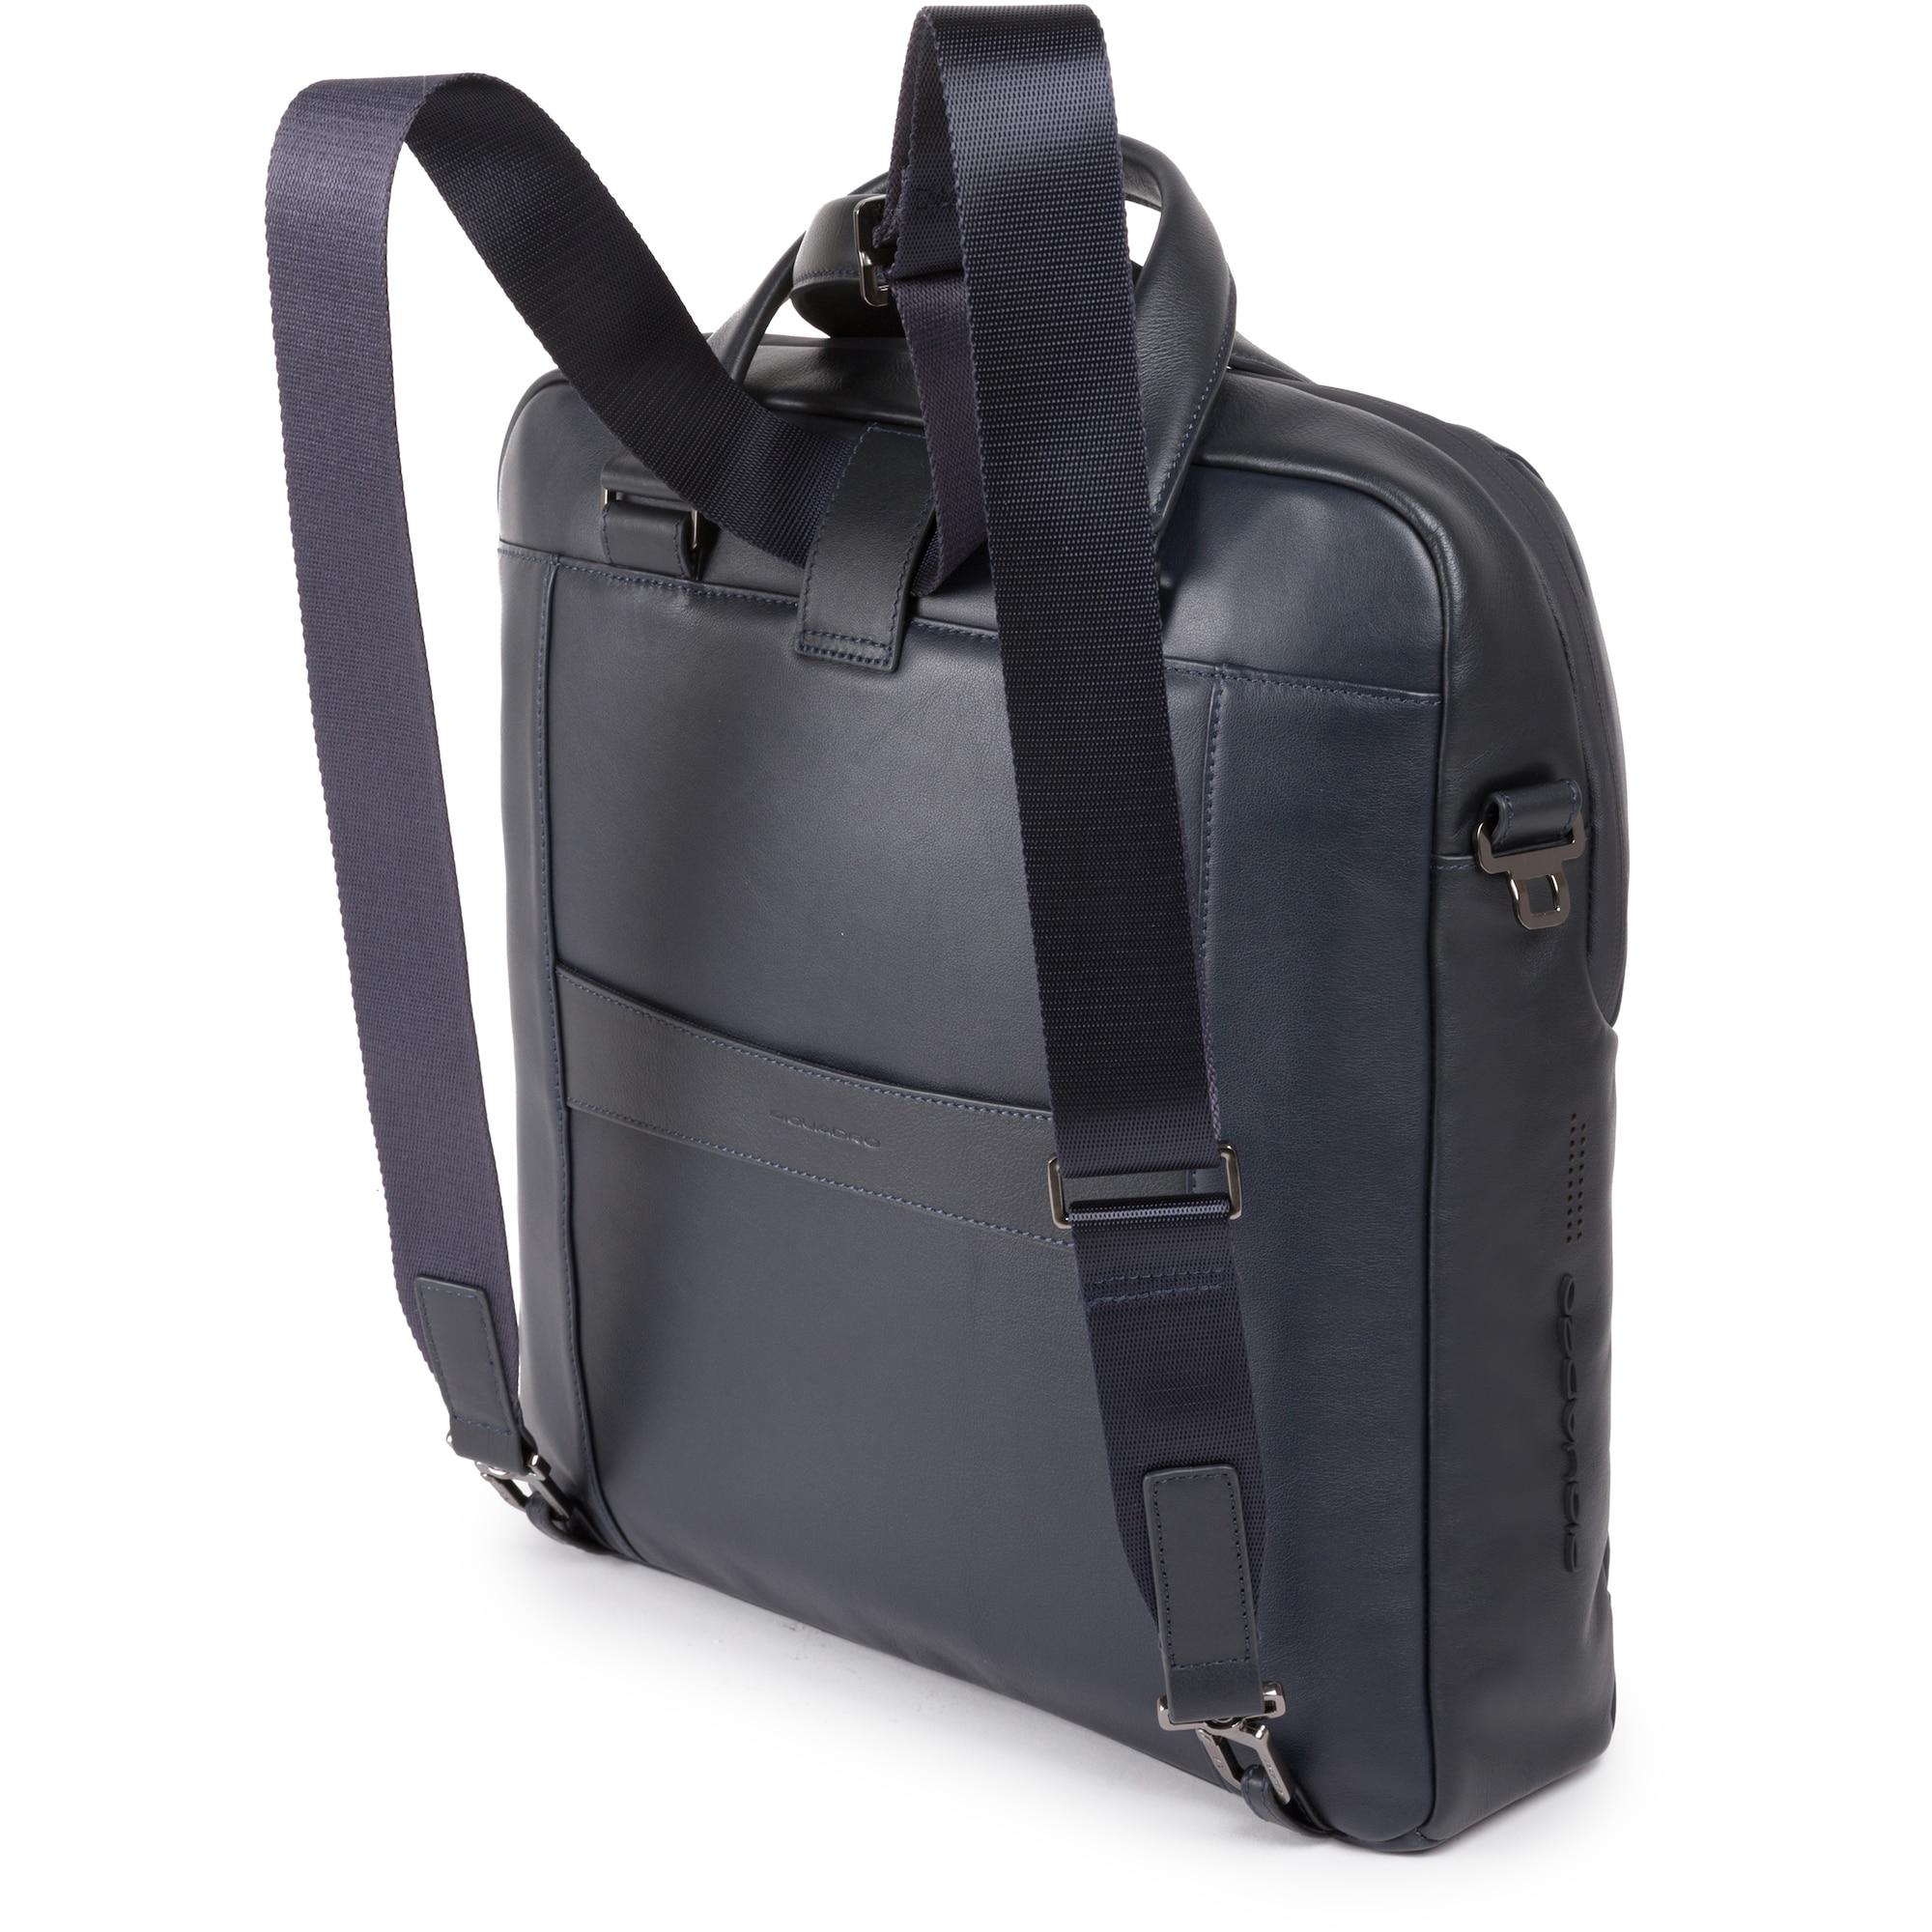 piquadro - Urban Laptoptasche Leder 37 cm Laptopfach